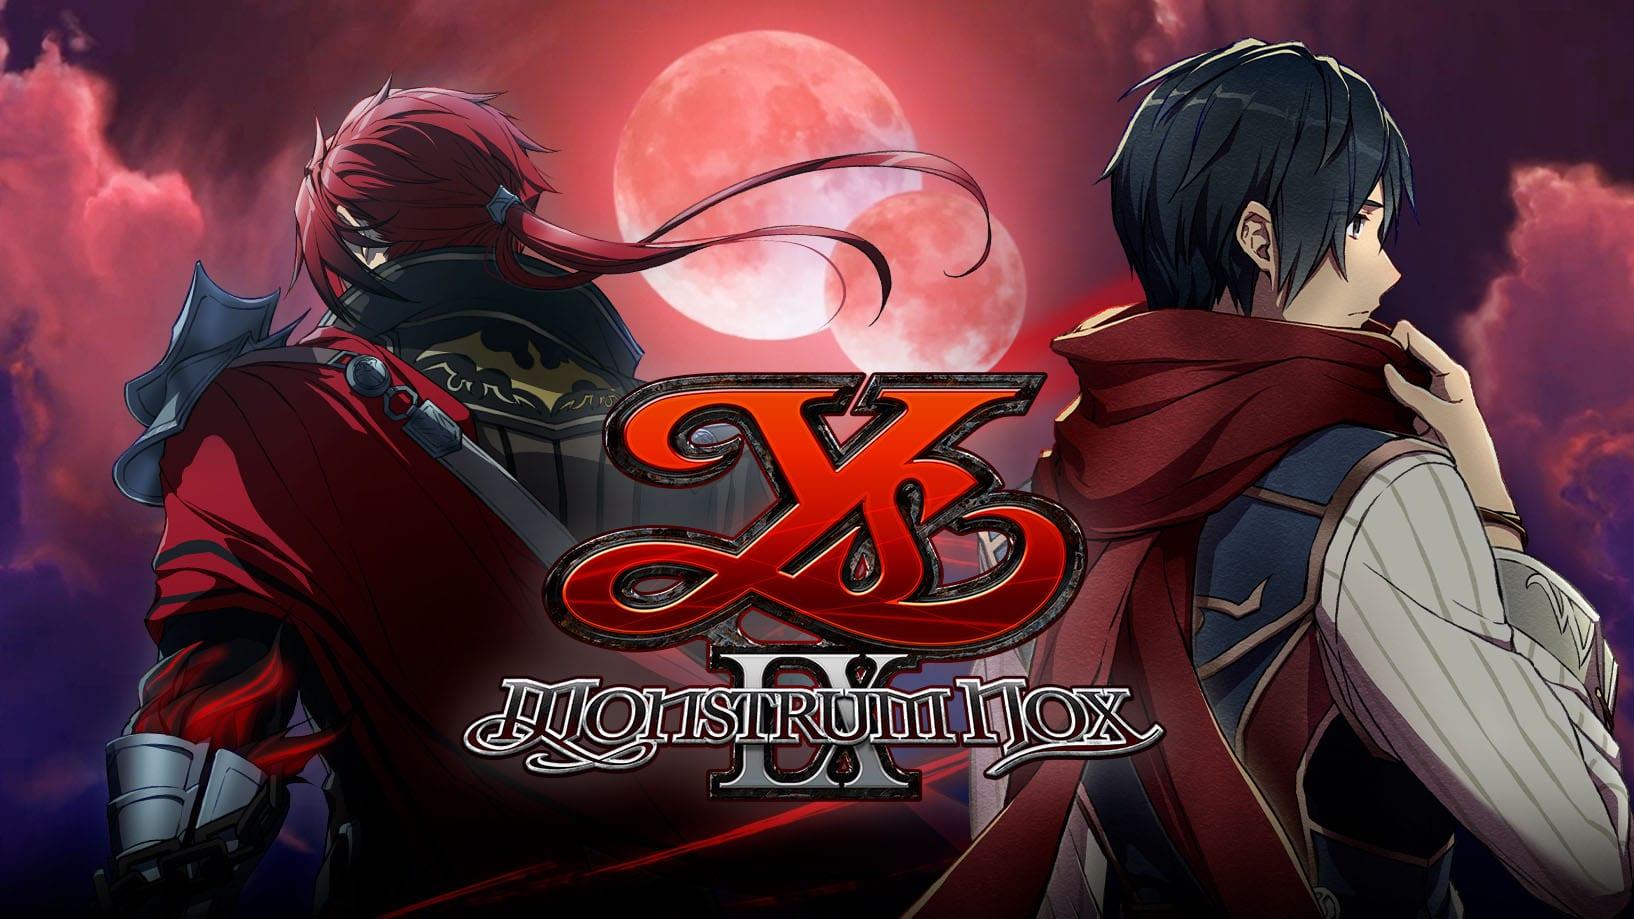 ys IX Mostrum Nox